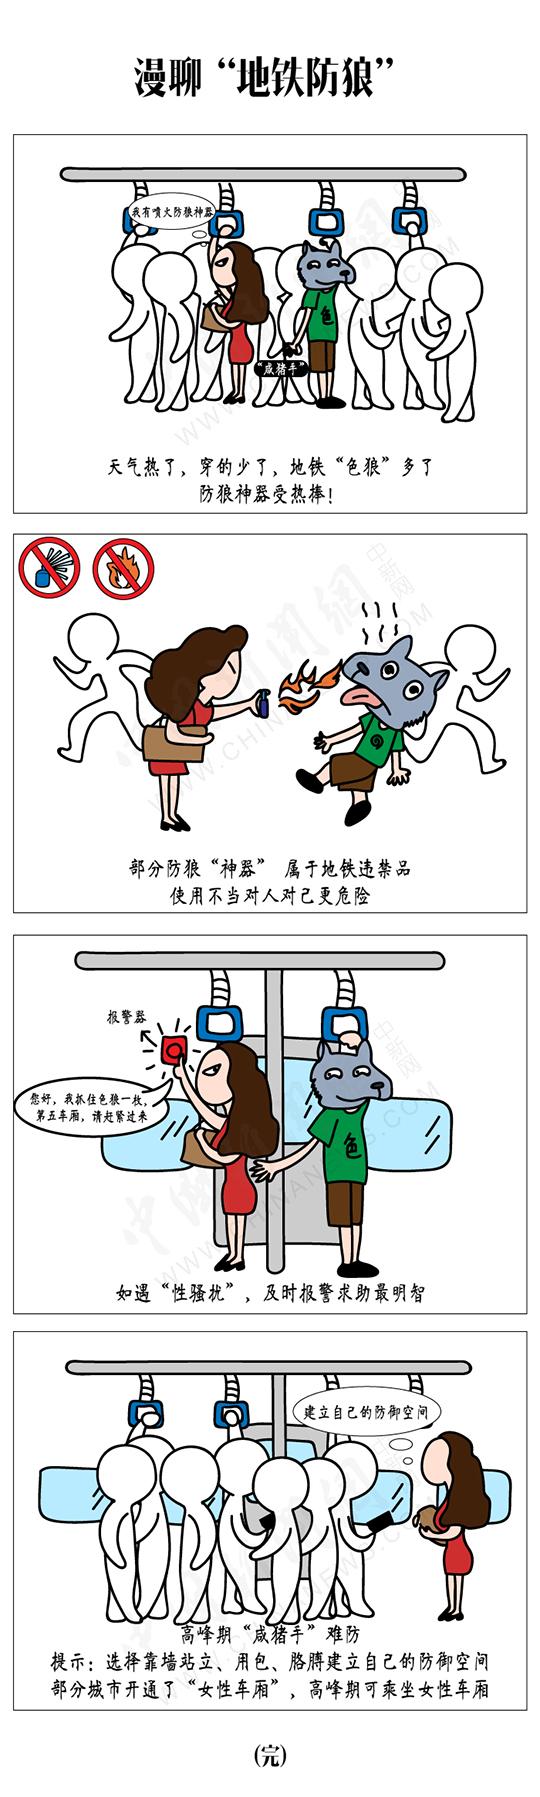 四格漫画聊地铁防狼